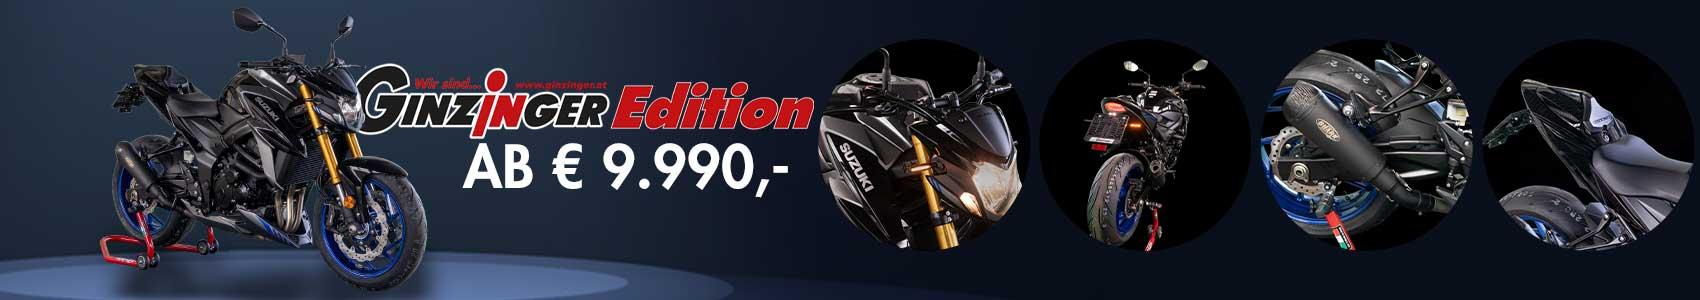 GSX-S750 Ginzinger Edition